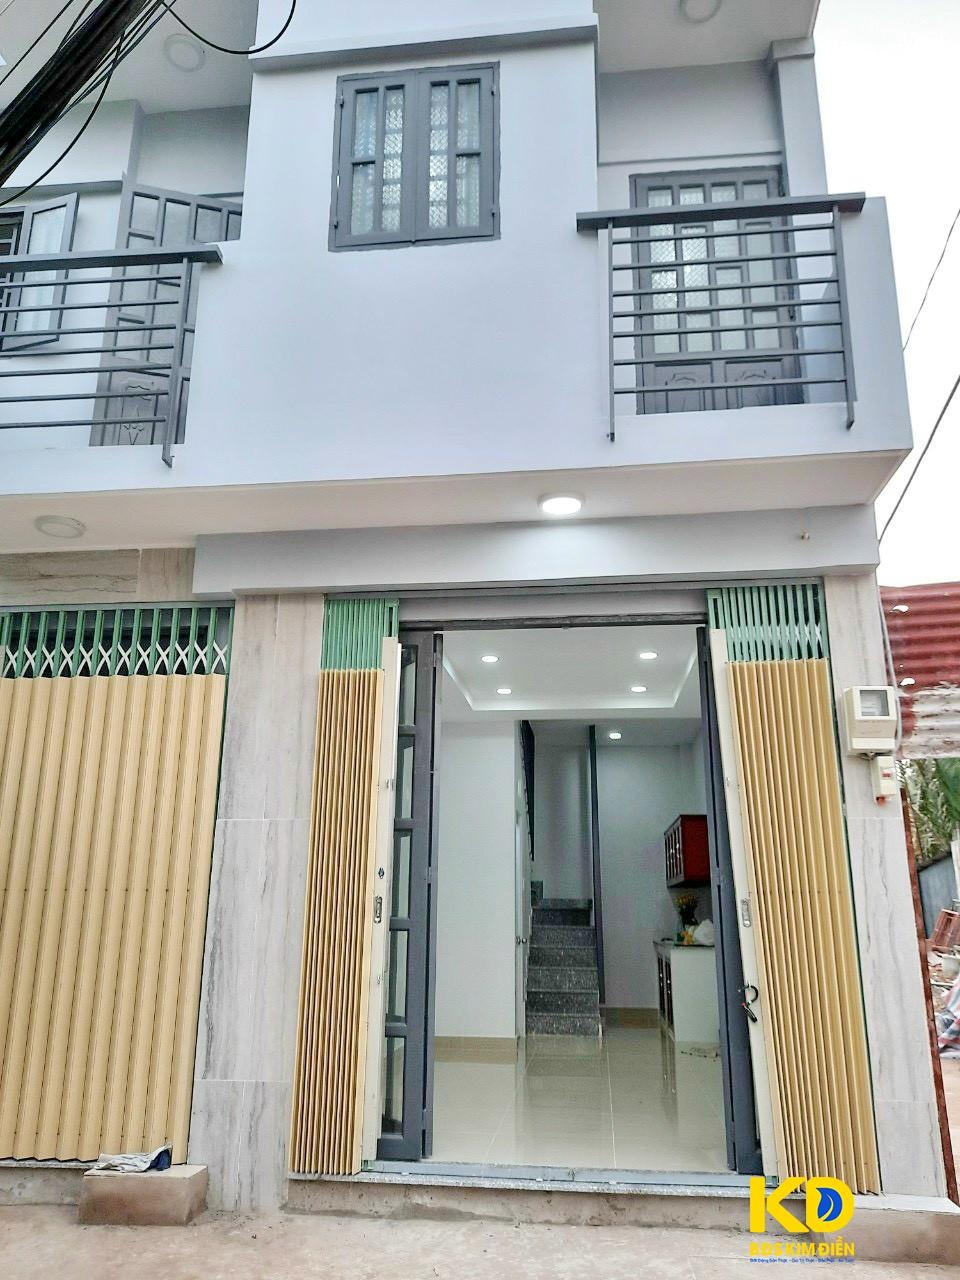 Bán nhà hẻm 3m 1206 đường Huỳnh Tấn Phát P. Tân Phú Quận 7